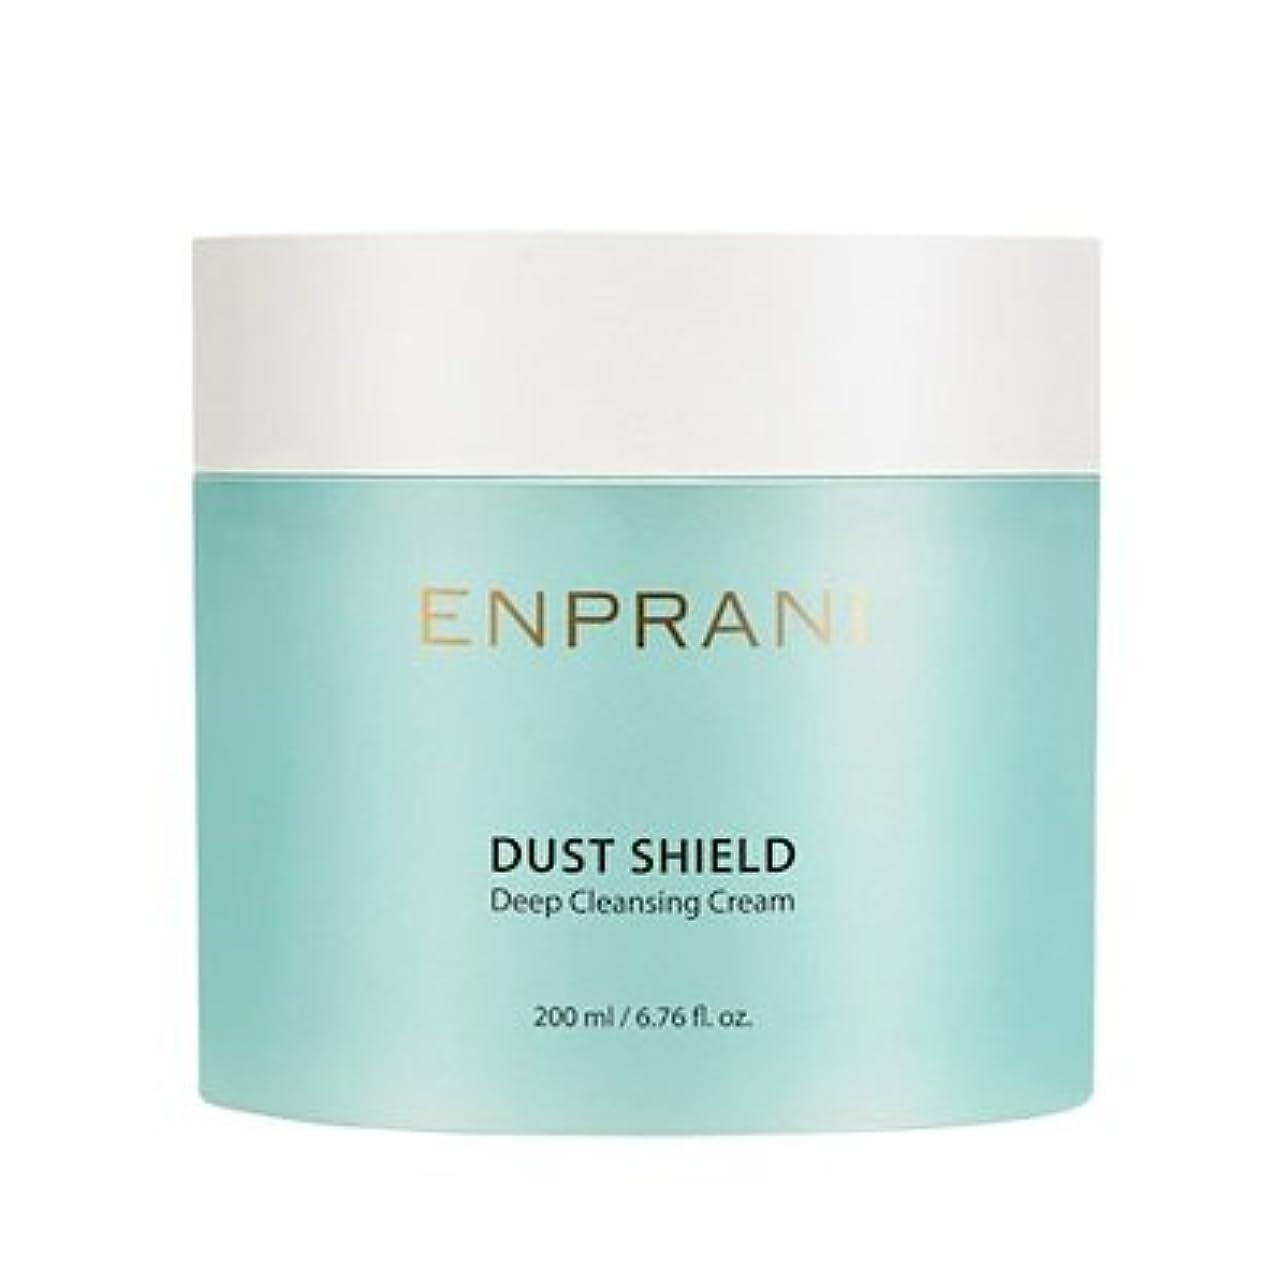 音楽を聴く対称農夫ENPRANI Dust Shield Deep Cleansing Cream エンプラニ ダストシールドディープクレンジングクリーム200ml [並行輸入品]